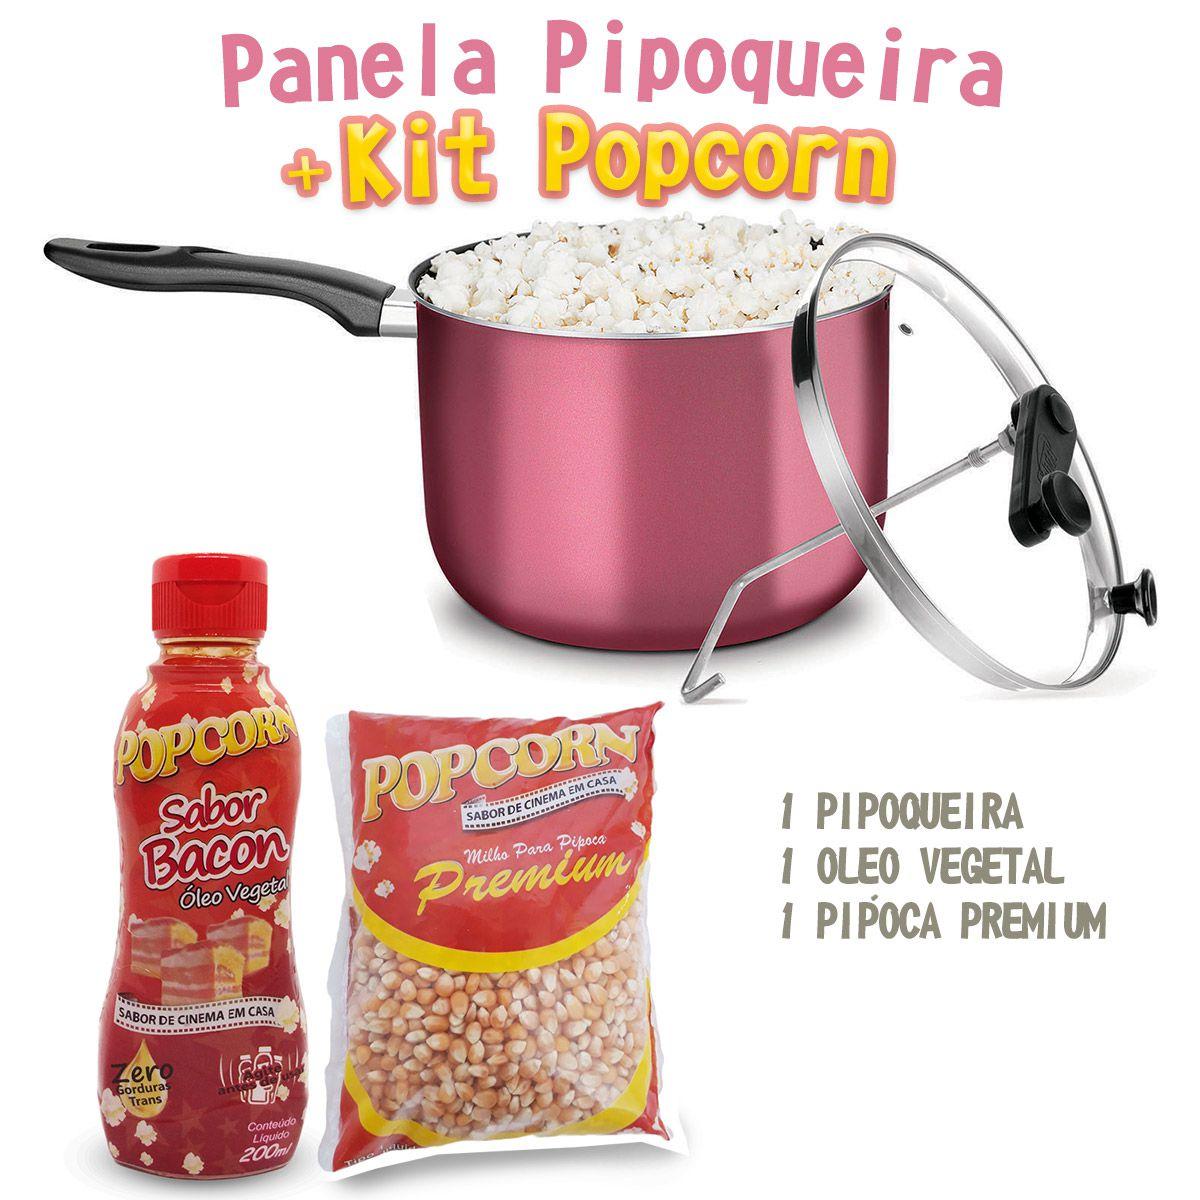 Pipoqueira + Óleo Vegetal sabor Bacon + Milho Premium.